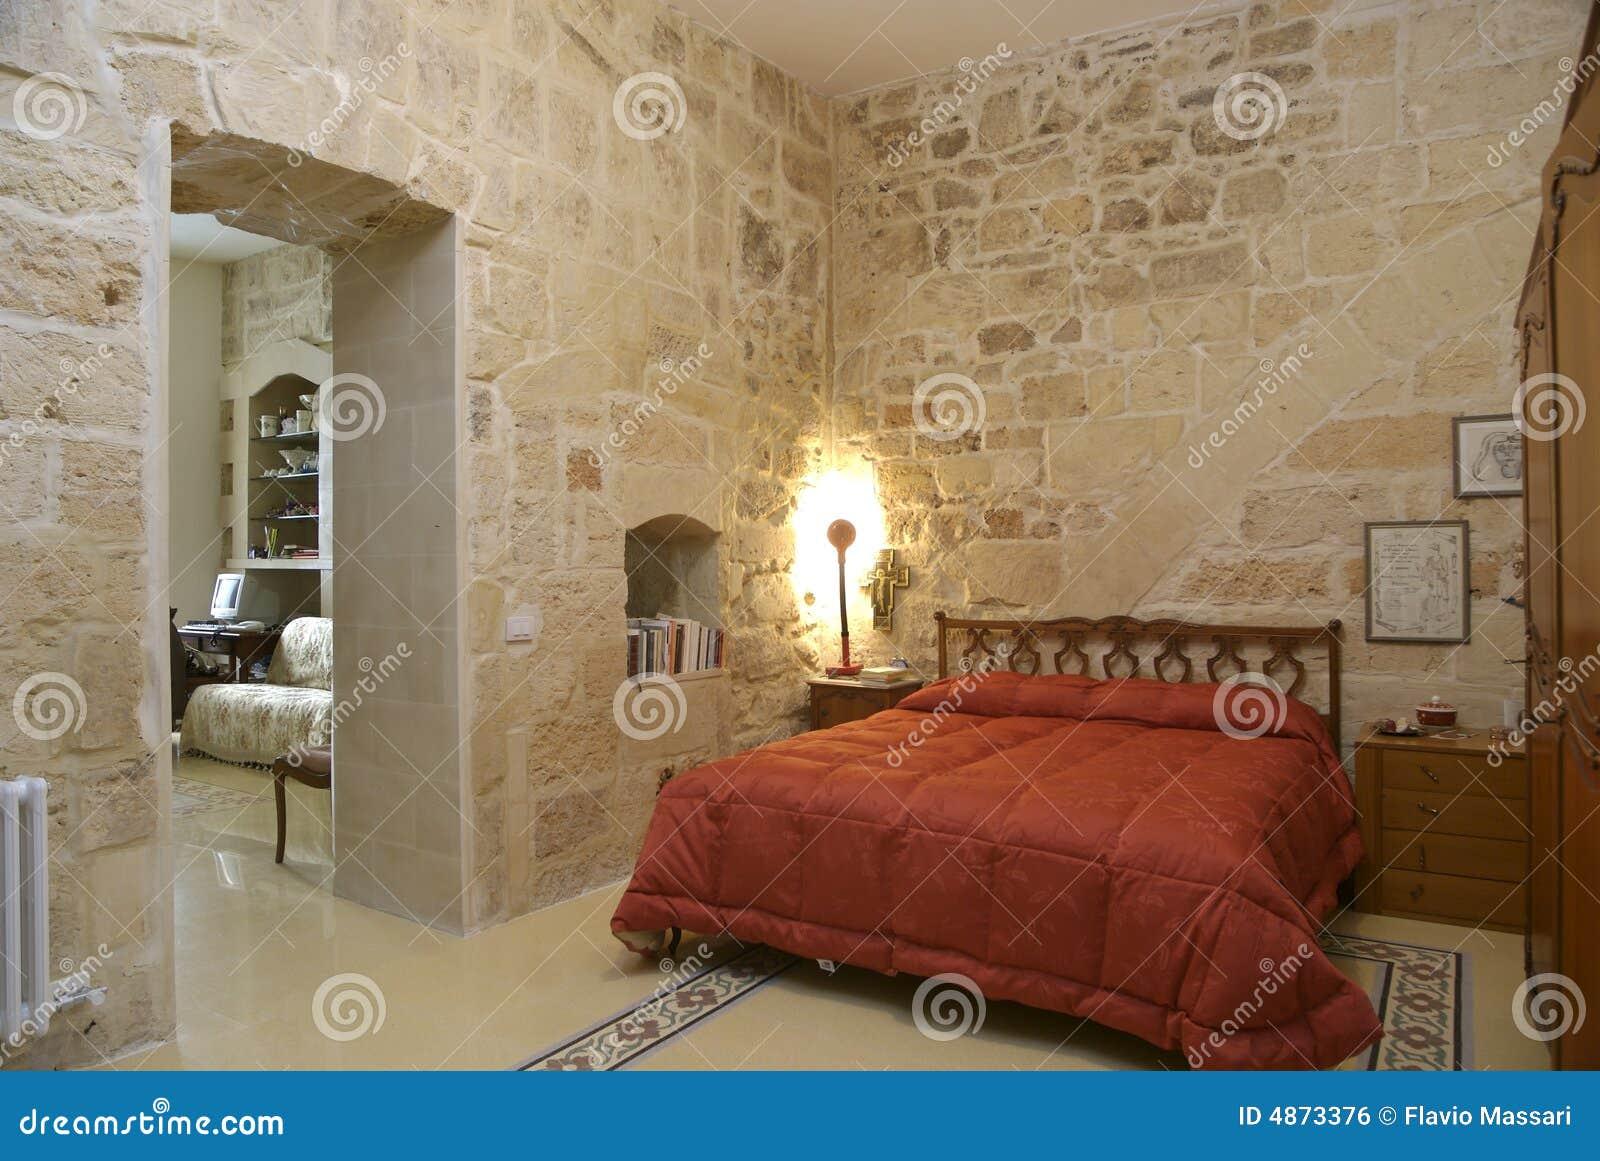 Camera da letto rustica calda fotografia stock immagine - Camino in camera da letto ...